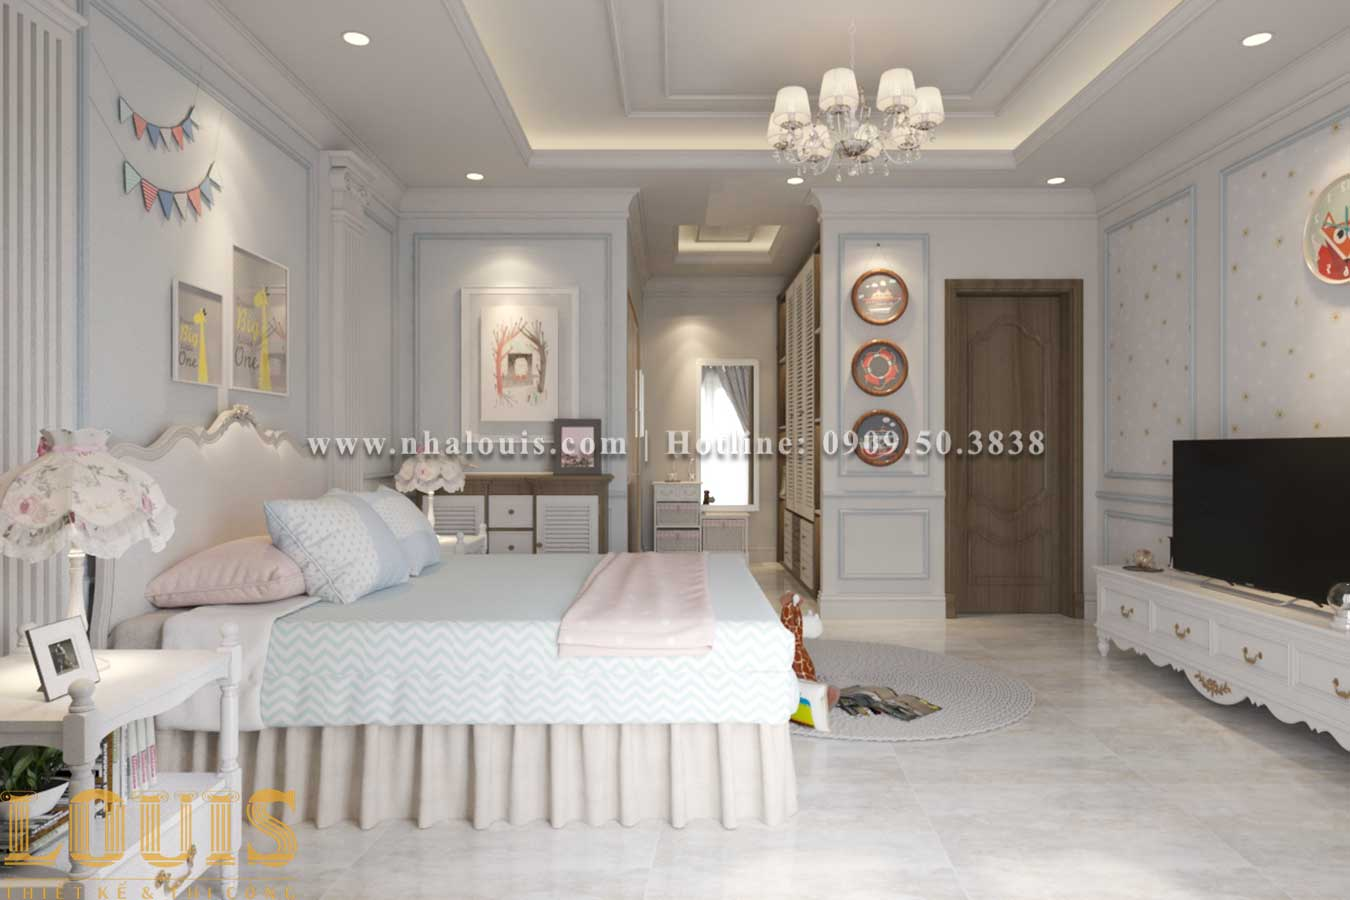 Phòng ngủ - Thiết kế biệt thự 3 tầng tân cổ điển đẹp lộng lẫy tại Bình Dương